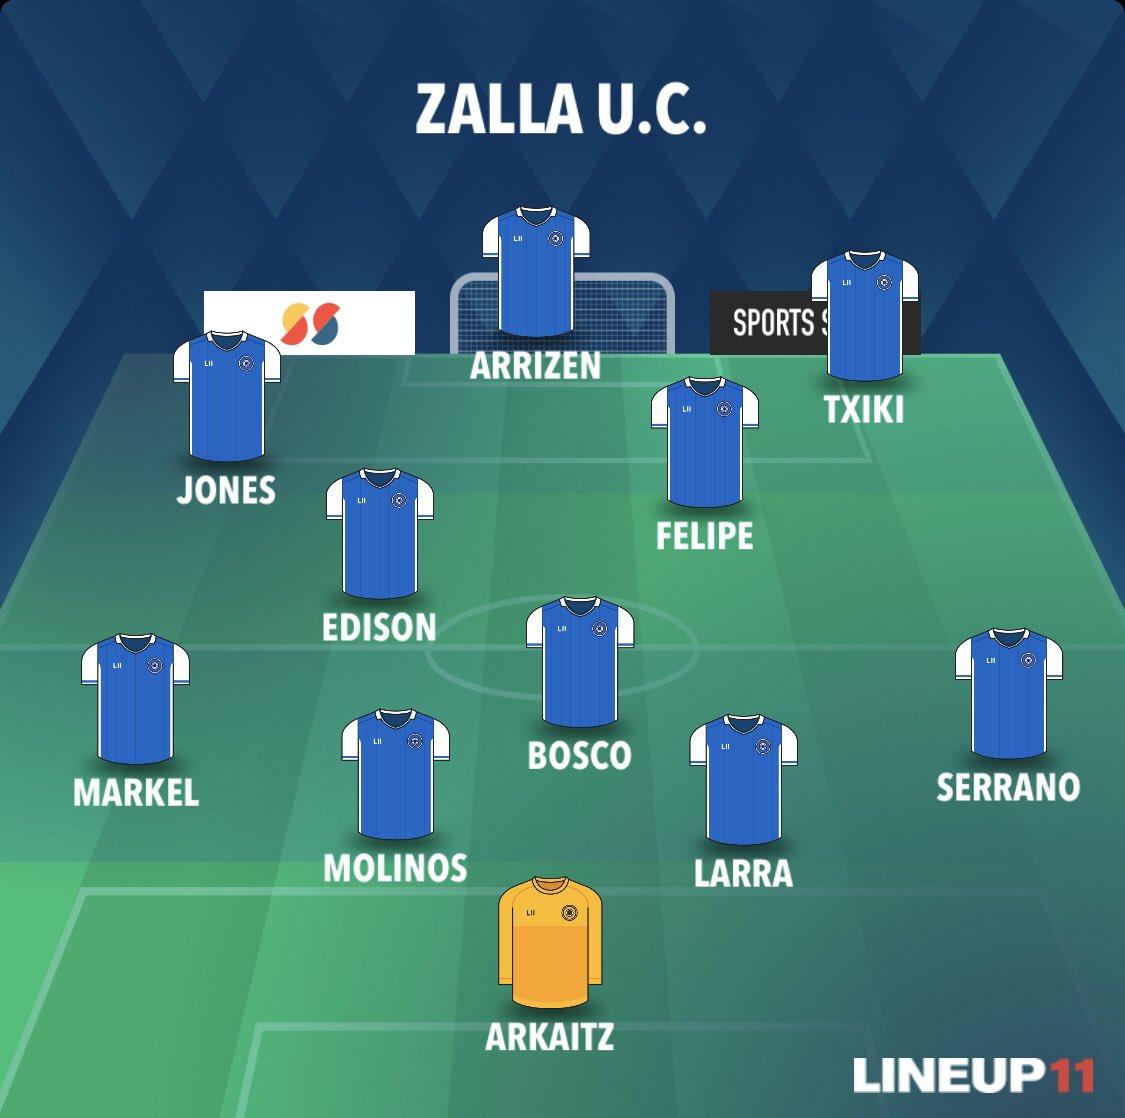 Ya tenemos el primer once inicial de la temporada del @ZALLAUC 🔝  Preparados para comenzar a las 17:30 h. en Landaberri frente al @SDRetuertoSport 💪  Zalla Gu Gara !! 🔵⚪ https://t.co/vVYUsGJ7Ww